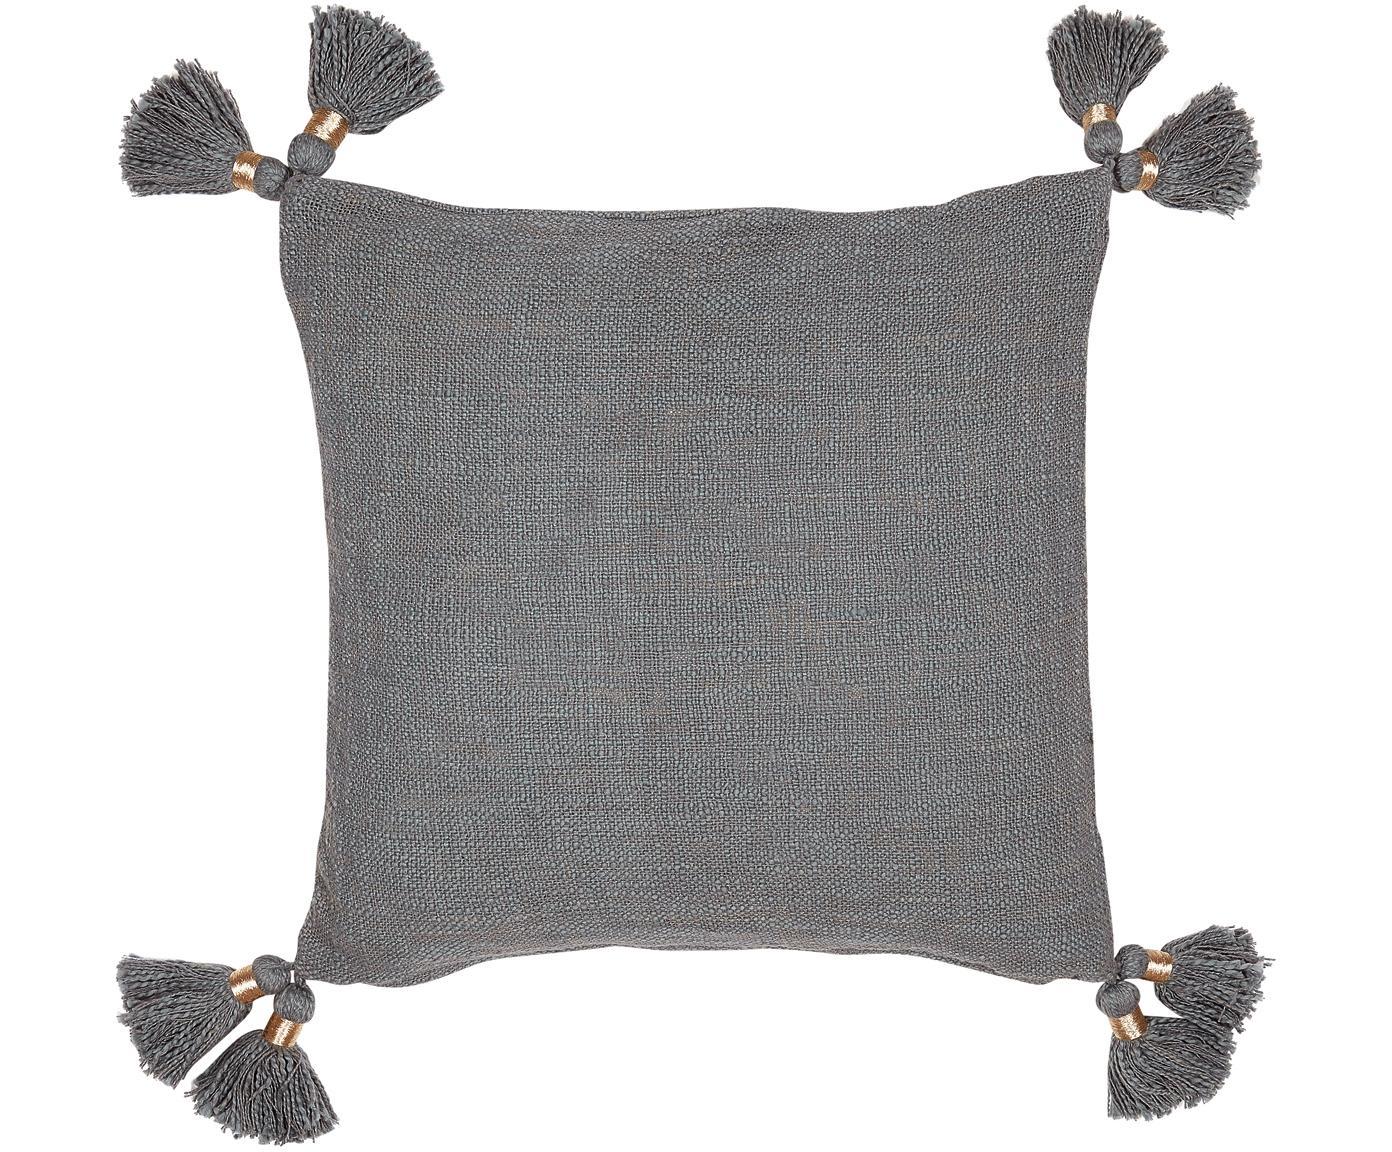 Funda de algodón ecológico de cojín con borlas Fly, Algodón ecológico, Gris, An 45 x L 45 cm